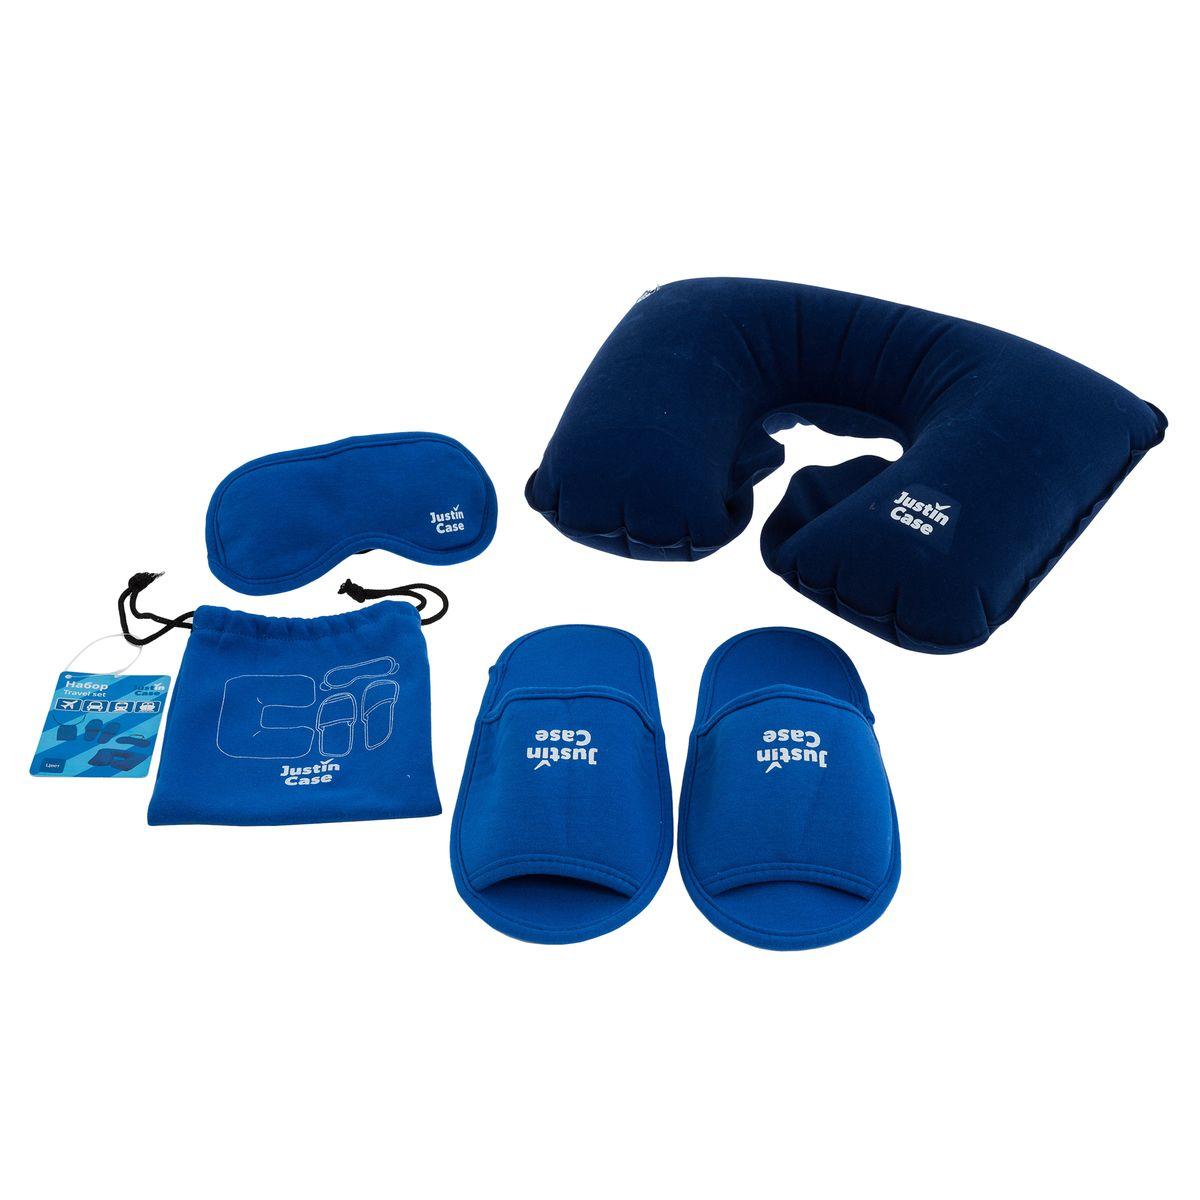 Набор для путешествия JustinCase, цвет: голубойT5117Универсальный набор для путешествий JustinCase включает в себя надувную подушку, маску для сна, и тапочки - все что нужно для идеального путешествия. Предметы набора приятные на ощупь, выполнены из высококачественных материалов. Набор очень компактен в сложенном виде и помещается в небольшую сумку, закрывающуюся на затягивающиеся шнурки. Длина тапочек: 24,6 см.